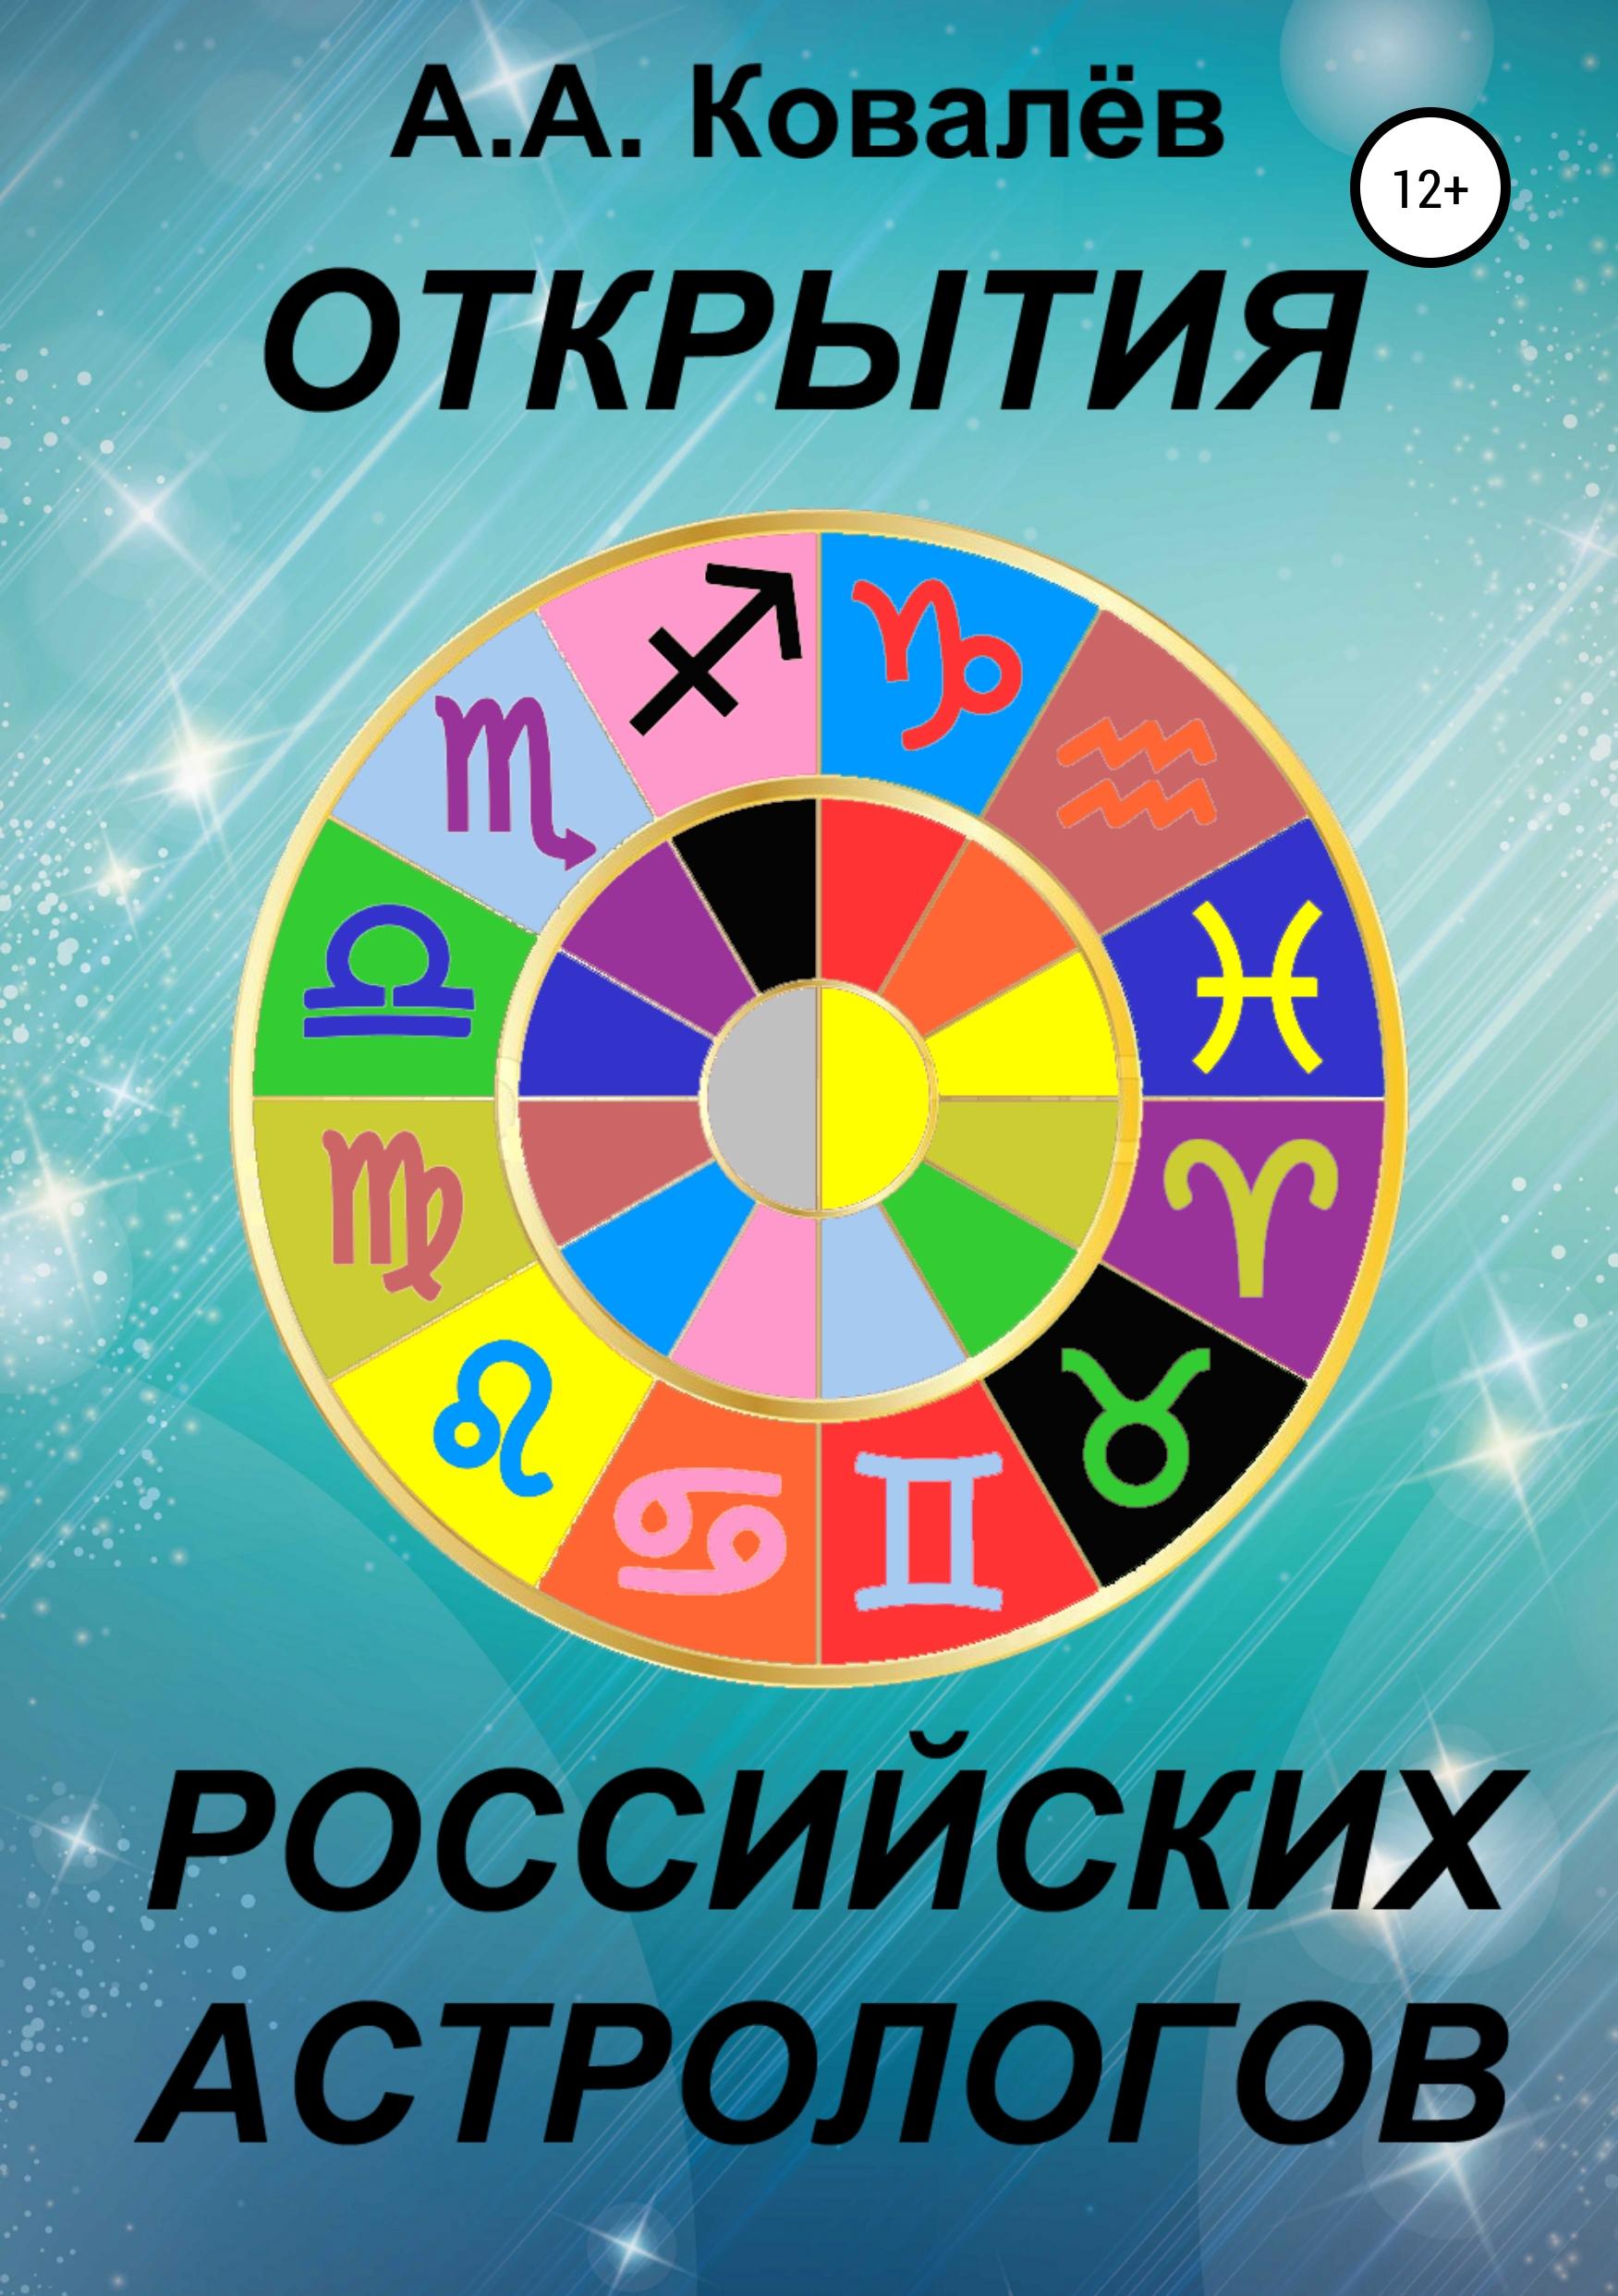 фото обложки издания Открытия российских астрологов